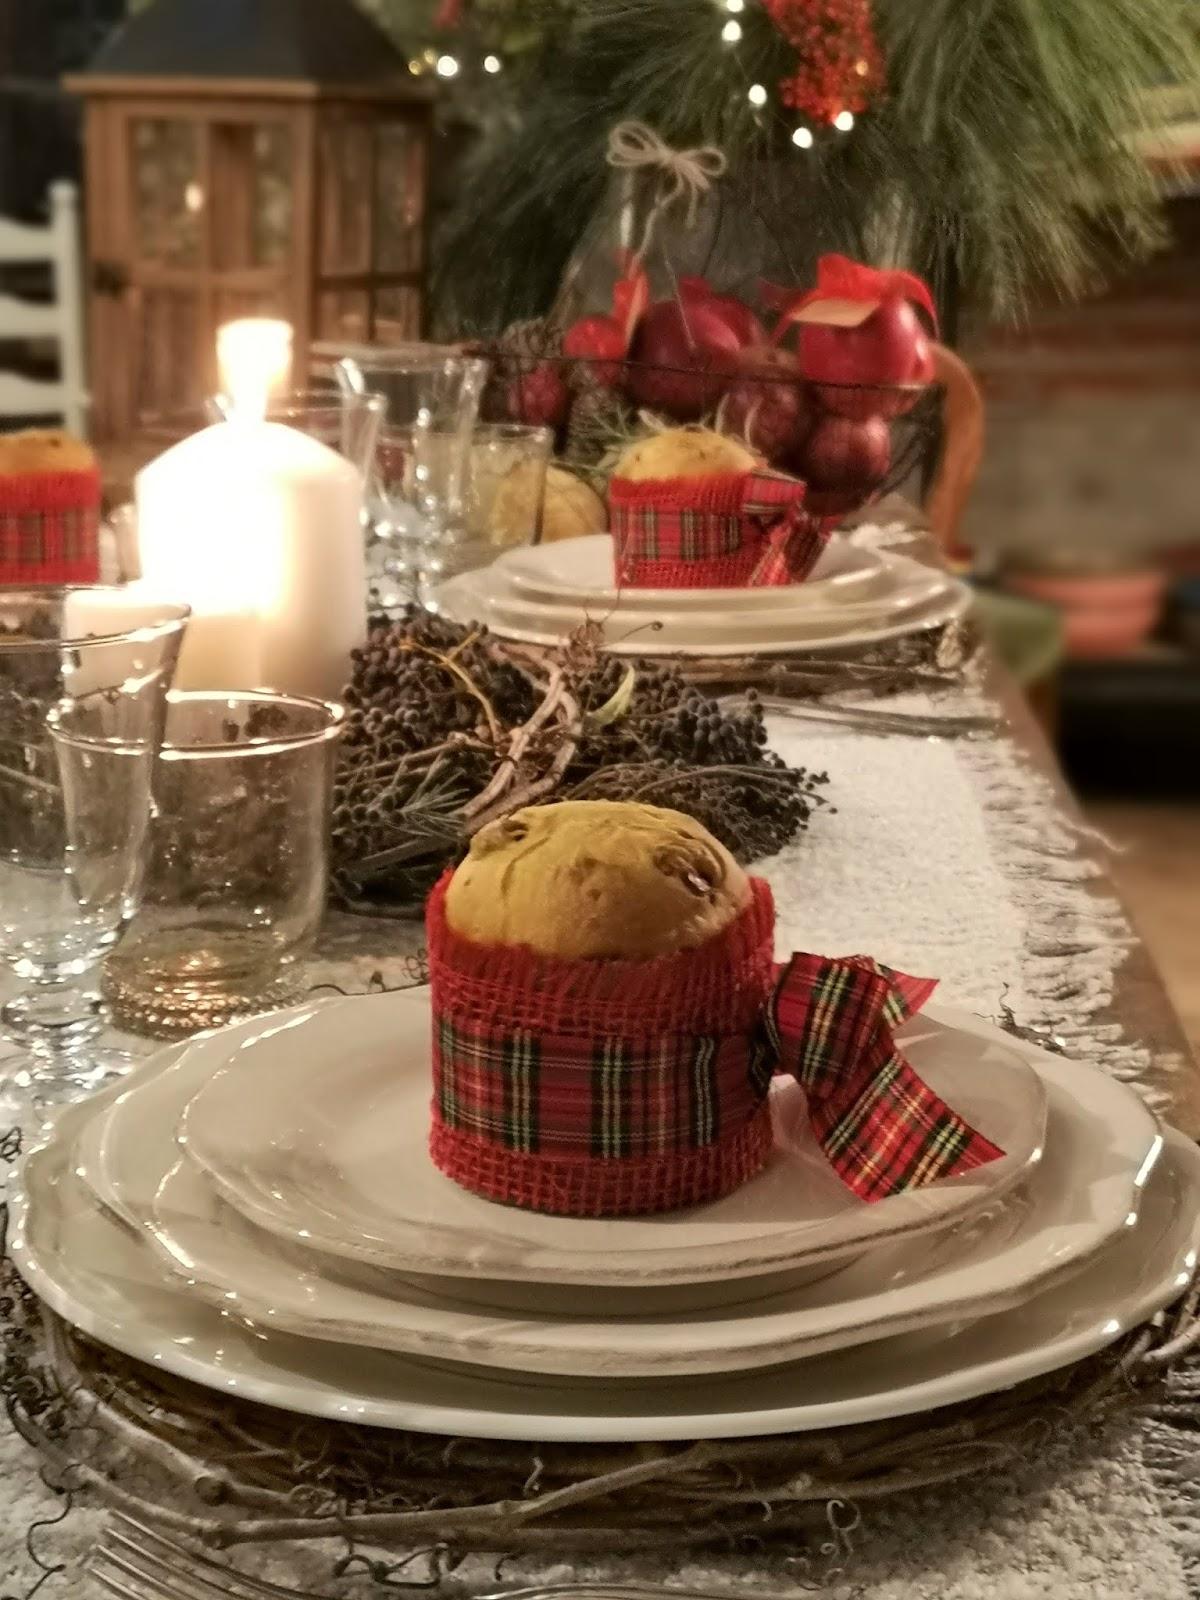 tavola natalizia in un antico podere